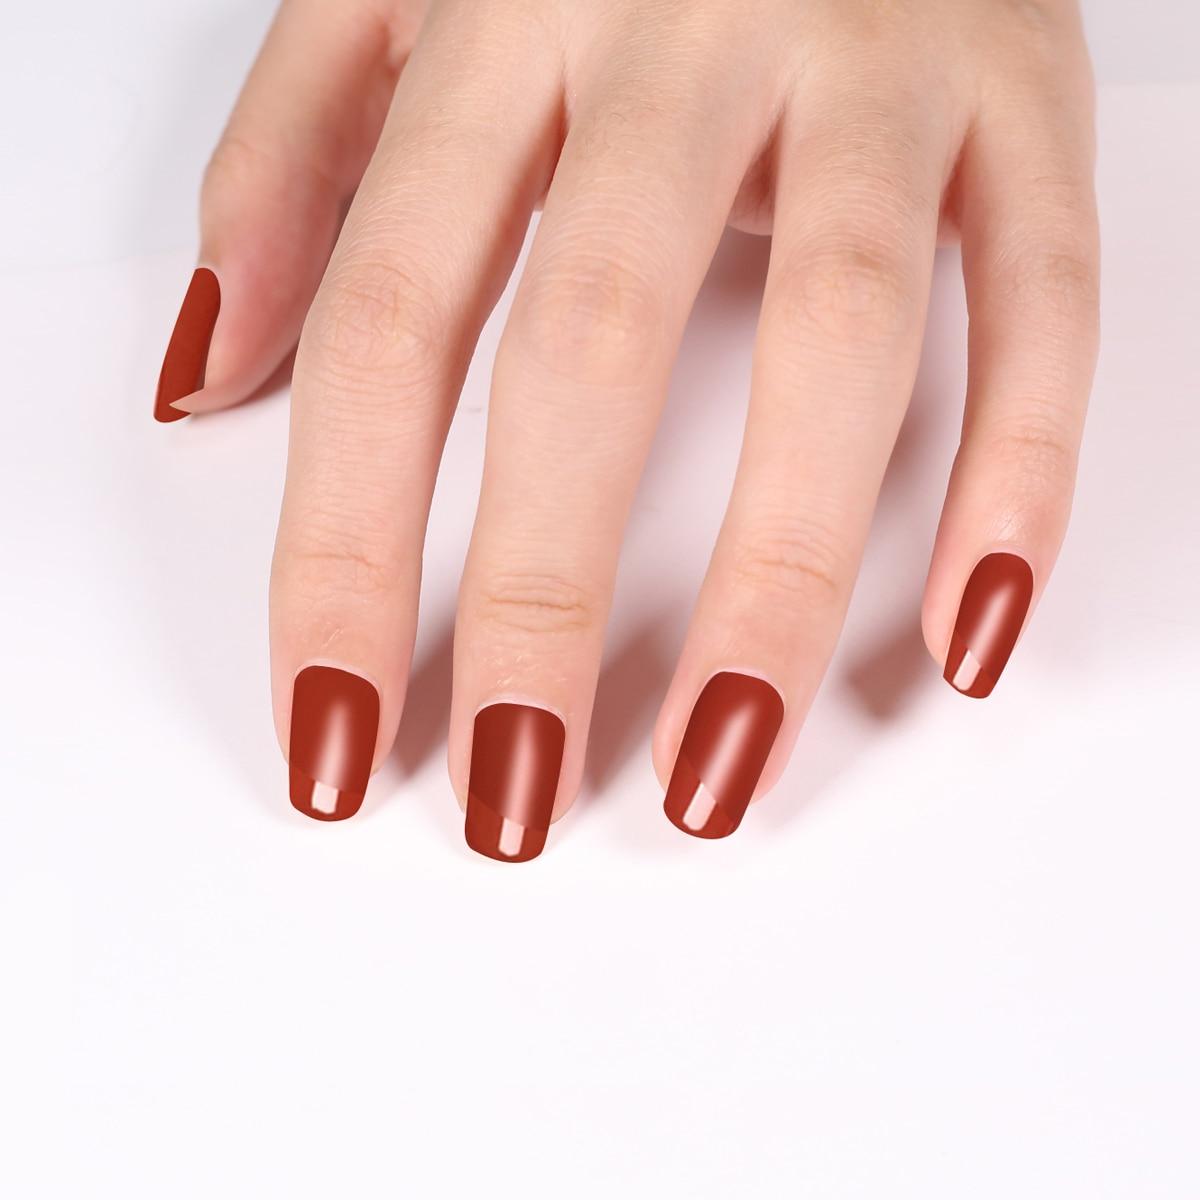 BEAUTYBIGBANG 9 мл матовый Топ Лак-покрытие глянцевая поверхность масло для ногтей лак для ногтей, маникюра Лаки лак